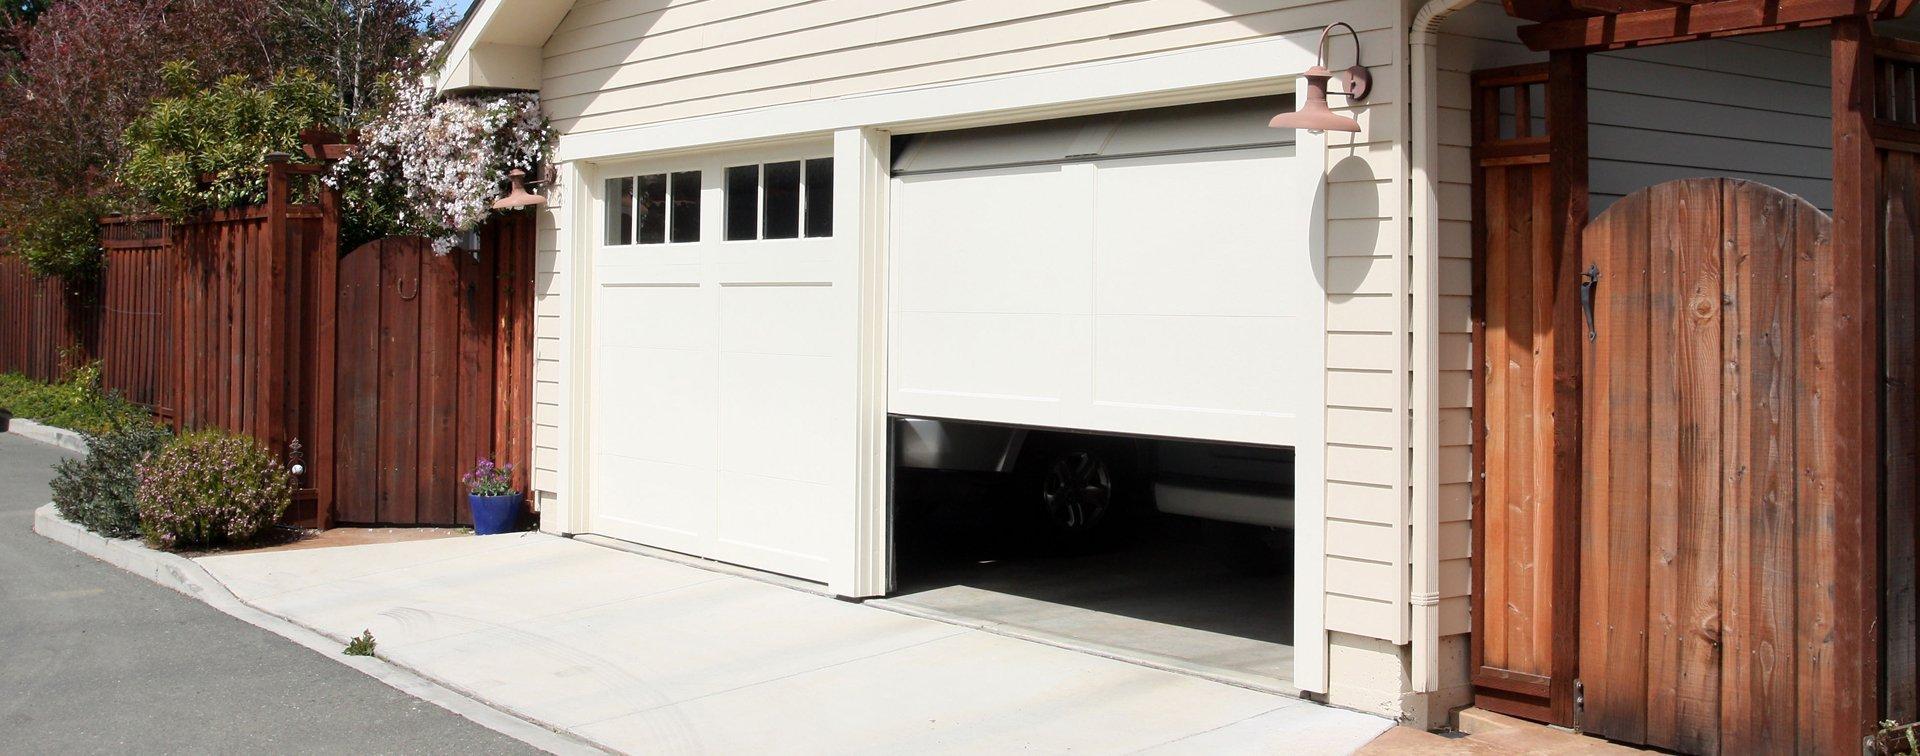 Thomas Garage Door Sales Inc | Greencastle, IN